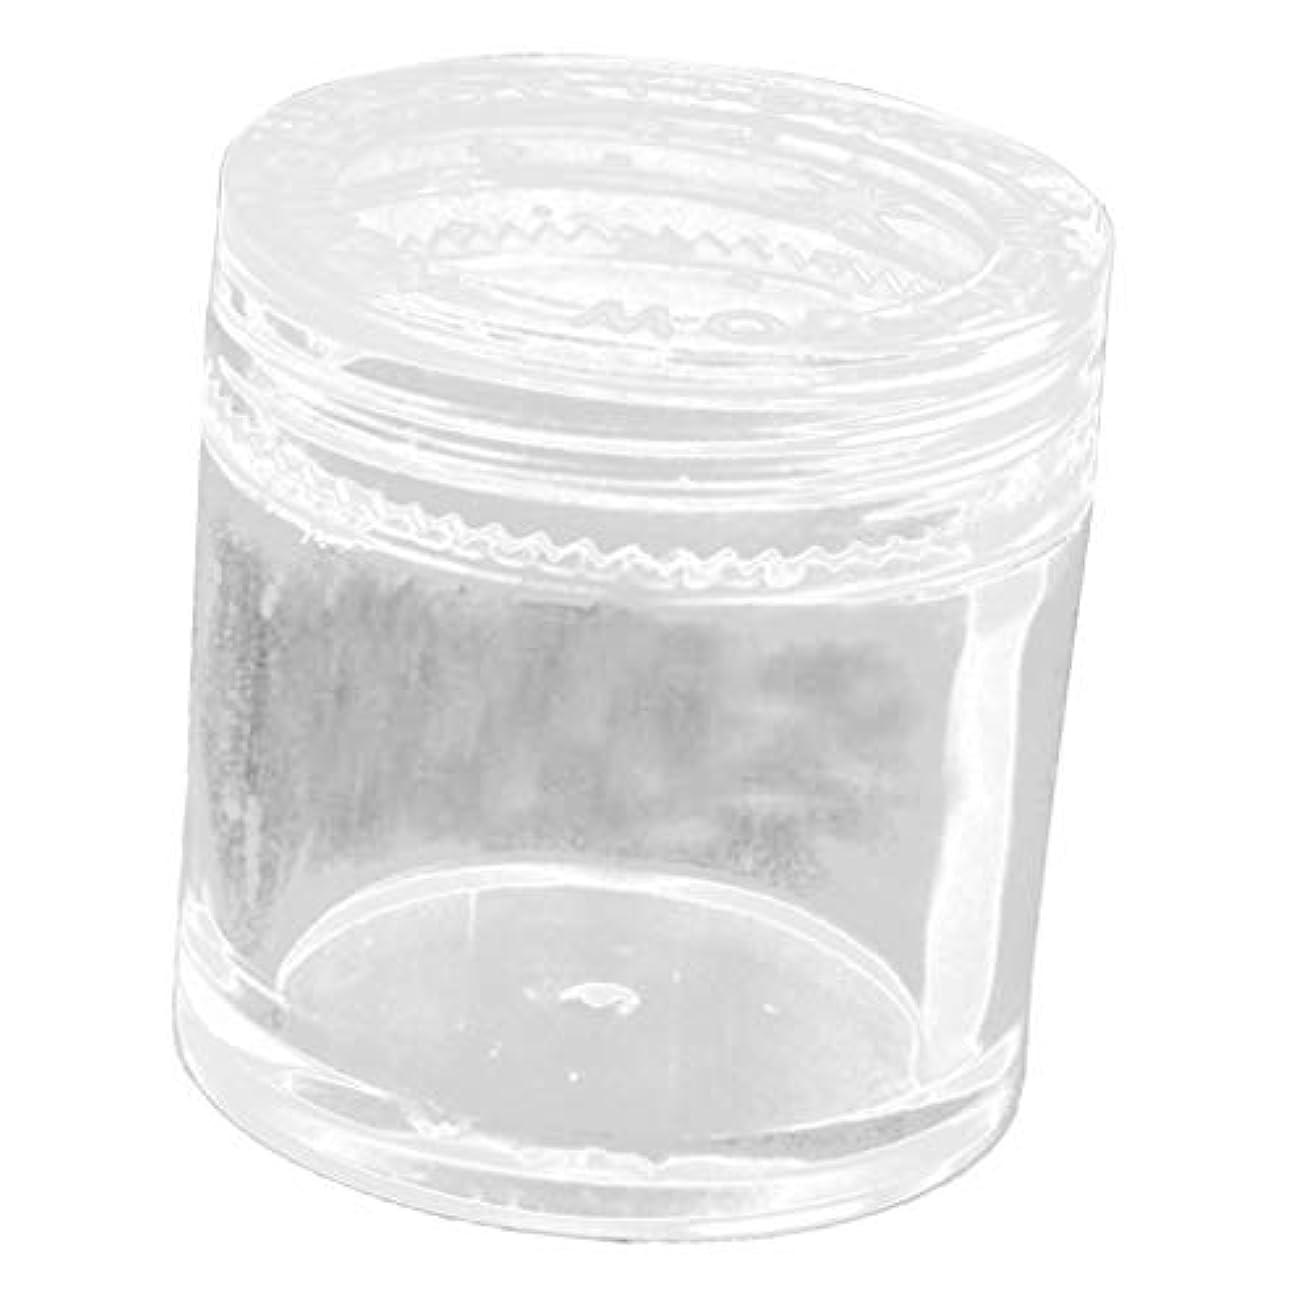 オート勘違いするアーティファクトDYNWAVE ネイルアートケース ジュエリーボックス 小物入れ 収納瓶 工芸品 ビーズ 宝石 収納ボックス 透明